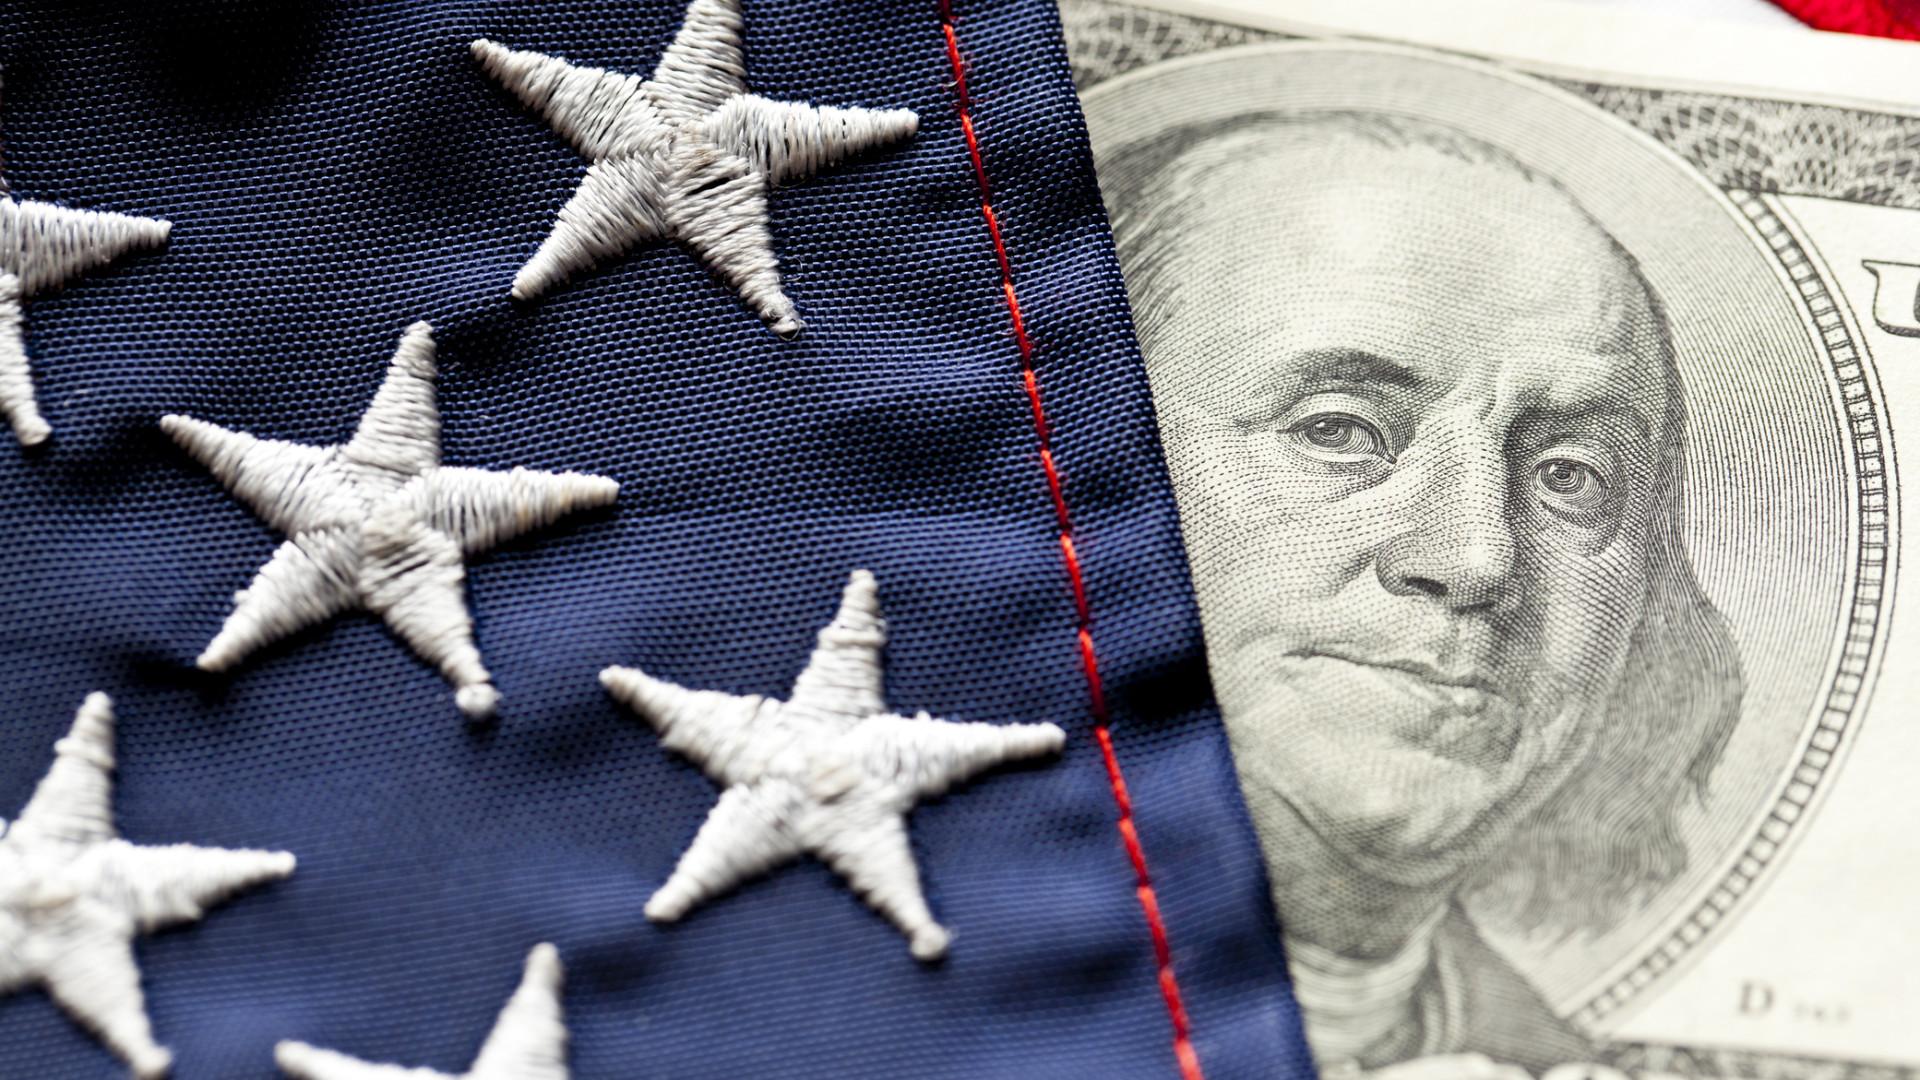 Guerra comercial EUA-China entre os dez maiores riscos para 2018